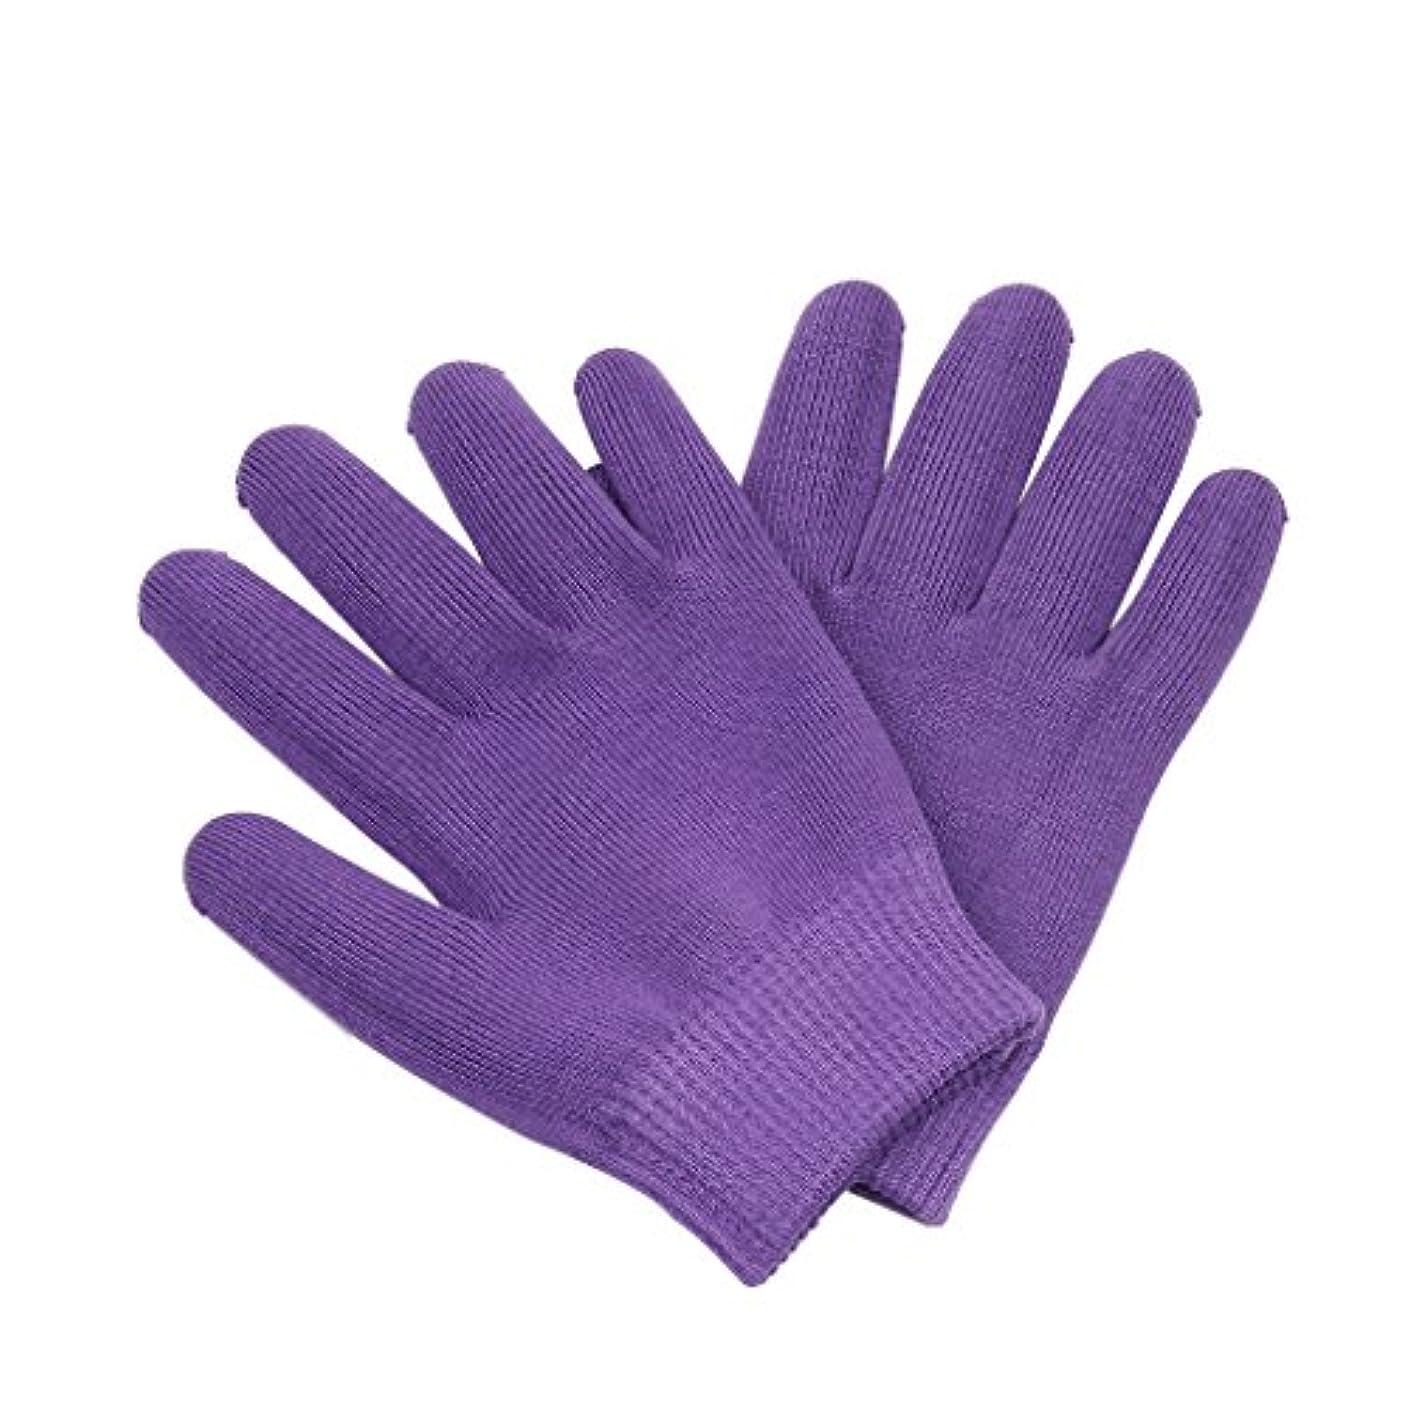 サワー比類なき破壊的Lovoski 保湿手袋 おやすみ手袋 手袋 手湿疹 乾燥防止 手荒れ 保湿 スキンケア  メンズ レディース 全3色選べ - 紫